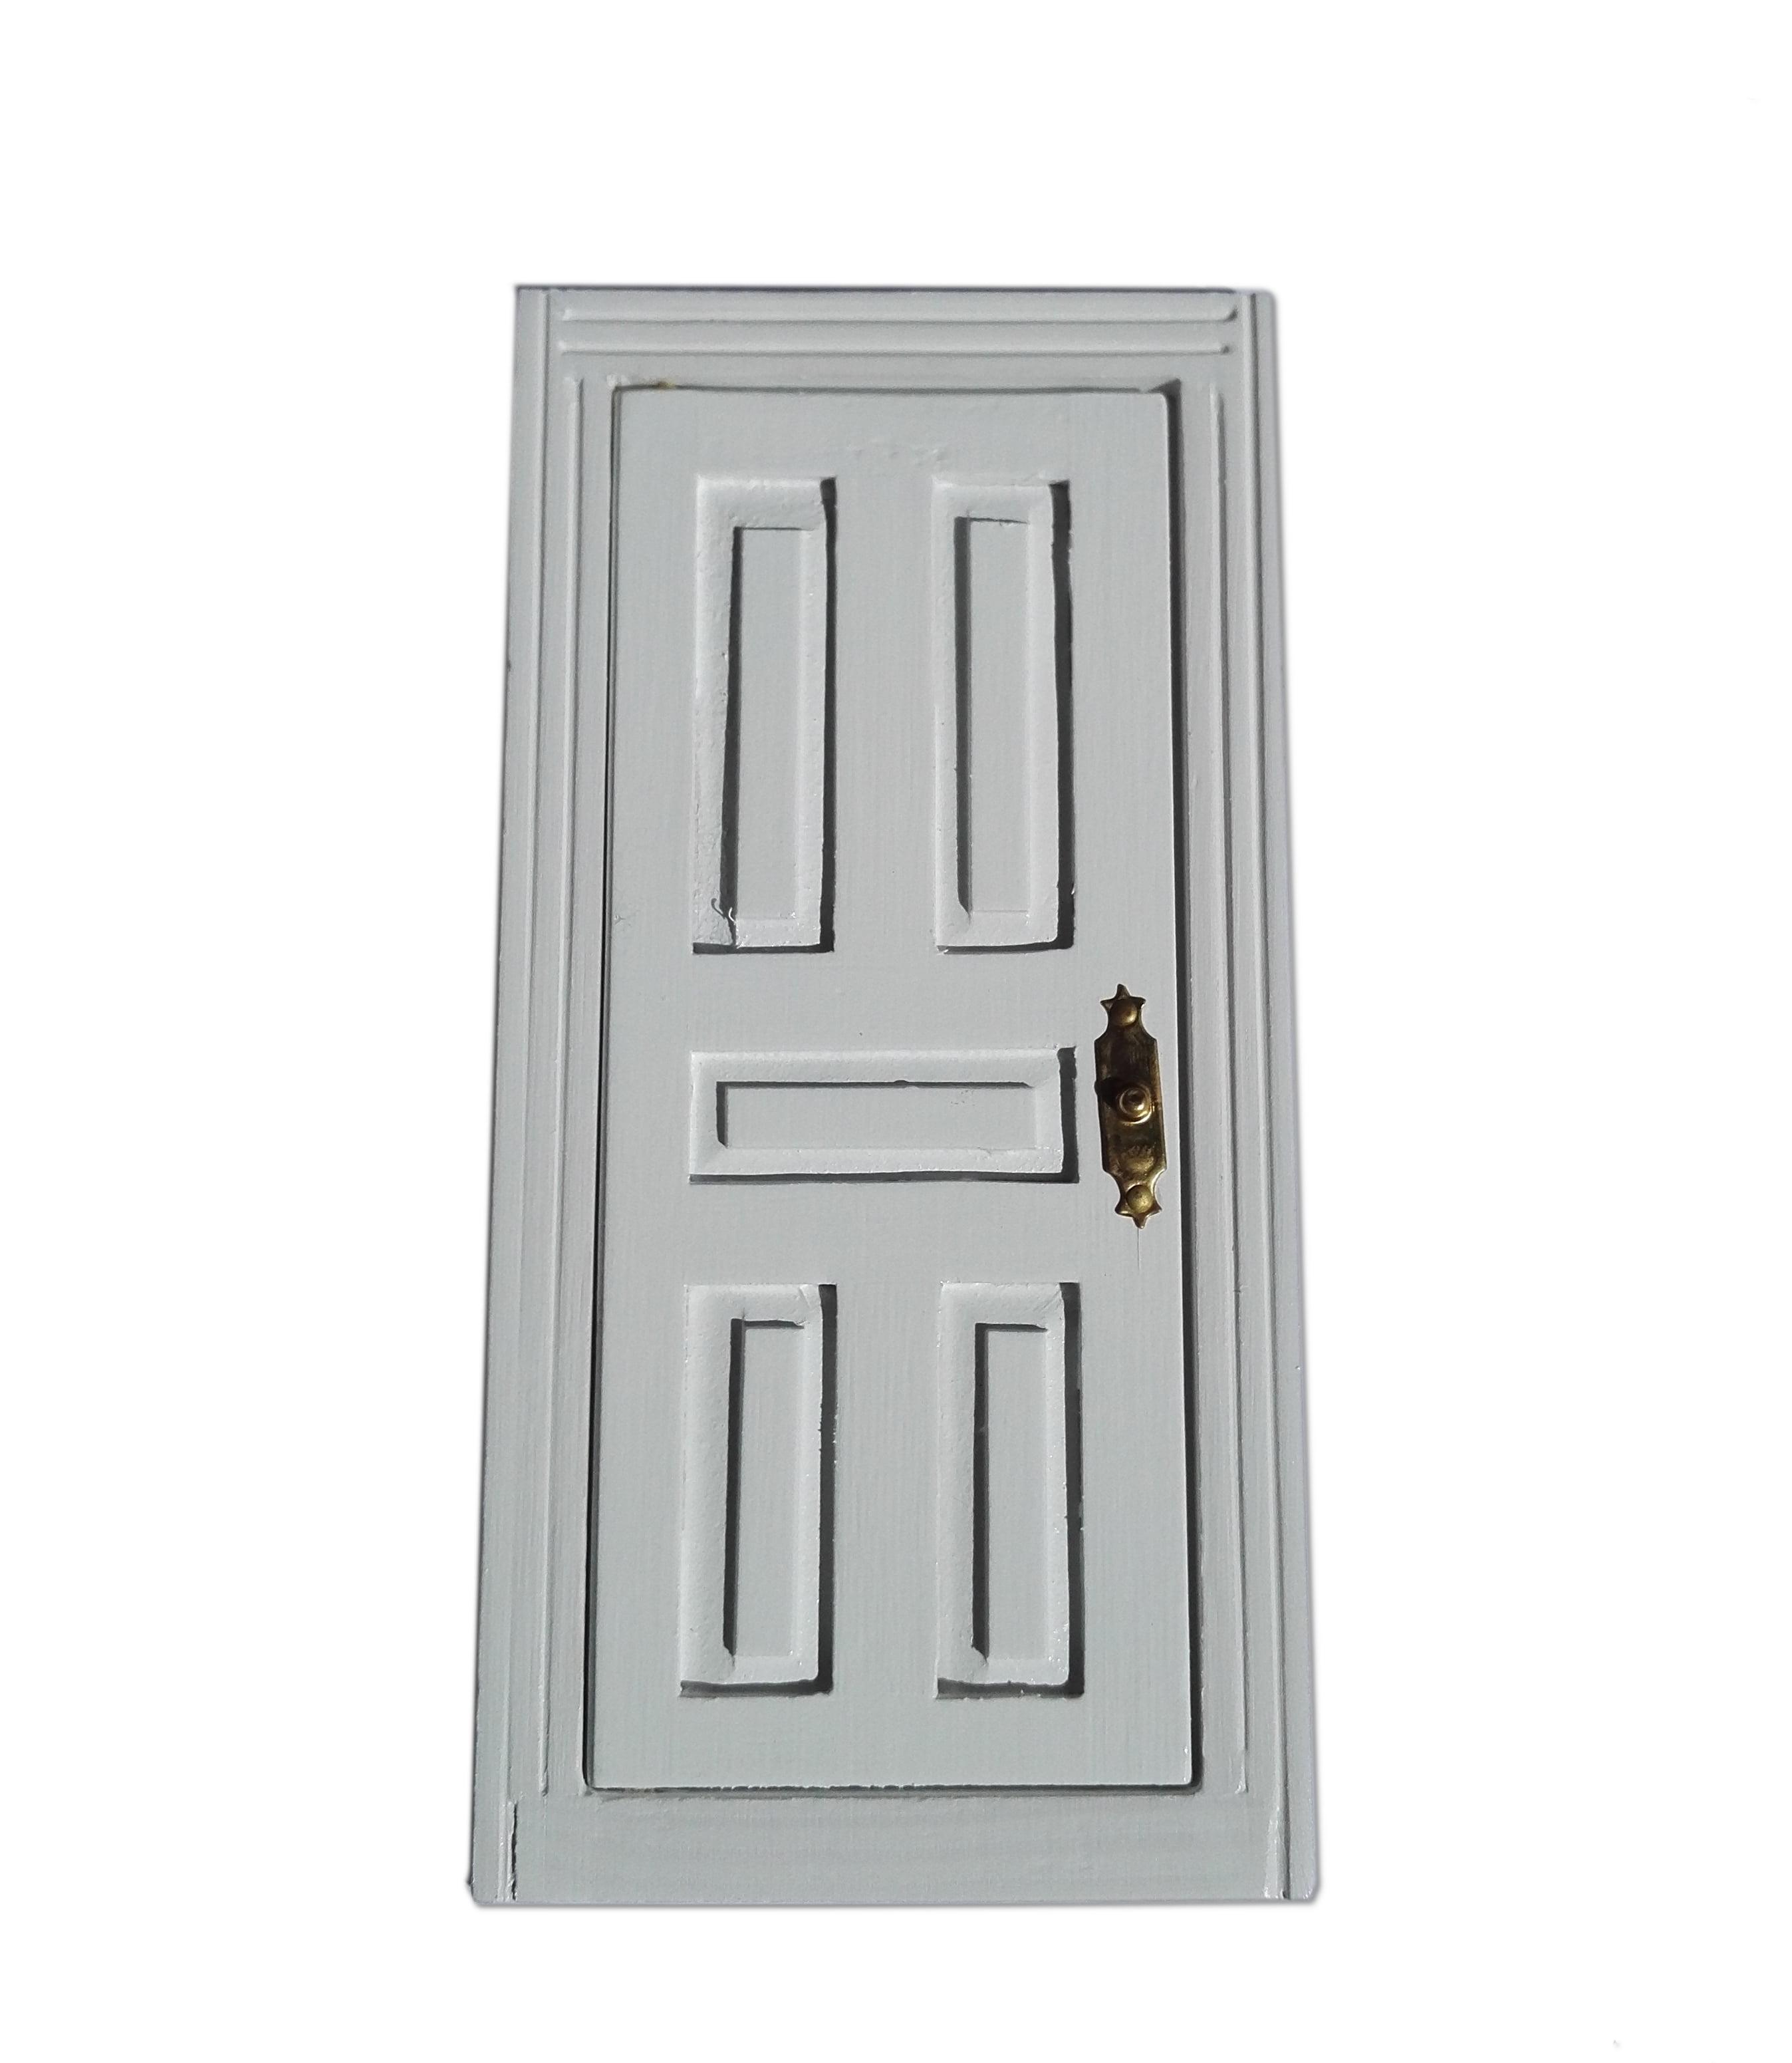 White 5 panel door 1 12 scale for dolls house hobbies for 12 panel door